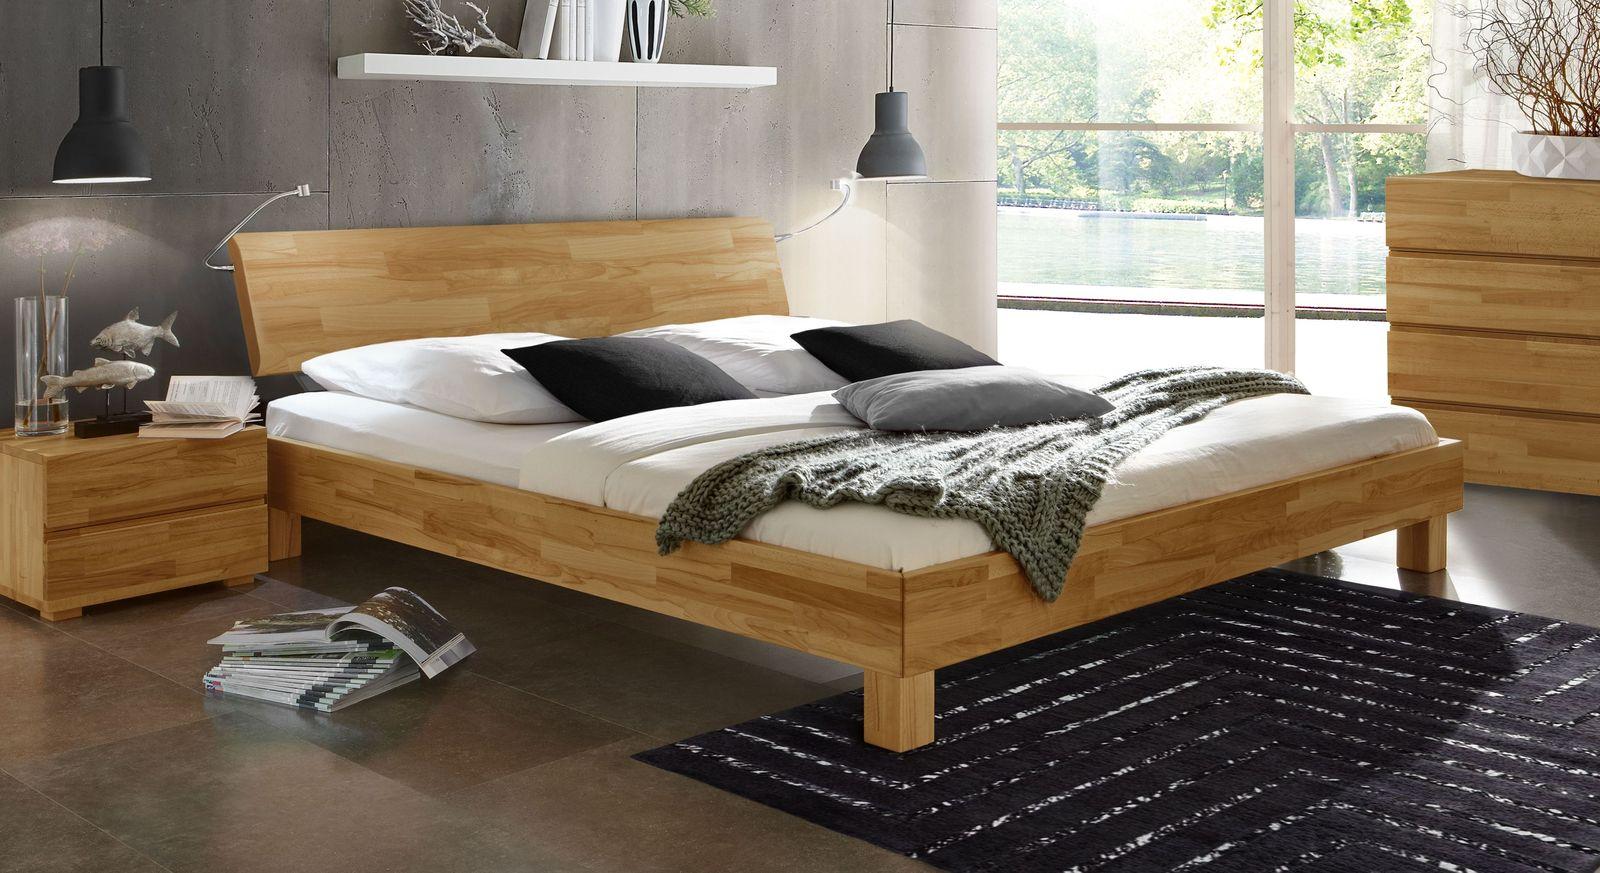 Full Size of Weies Bett Monza Aus Buchenholz Online Bettende Betten Weiß Gebrauchte Bambus Landhaus Schlafzimmer Set Mit Boxspringbett Aufbewahrung Modernes überlänge Bett Bett Niedrig